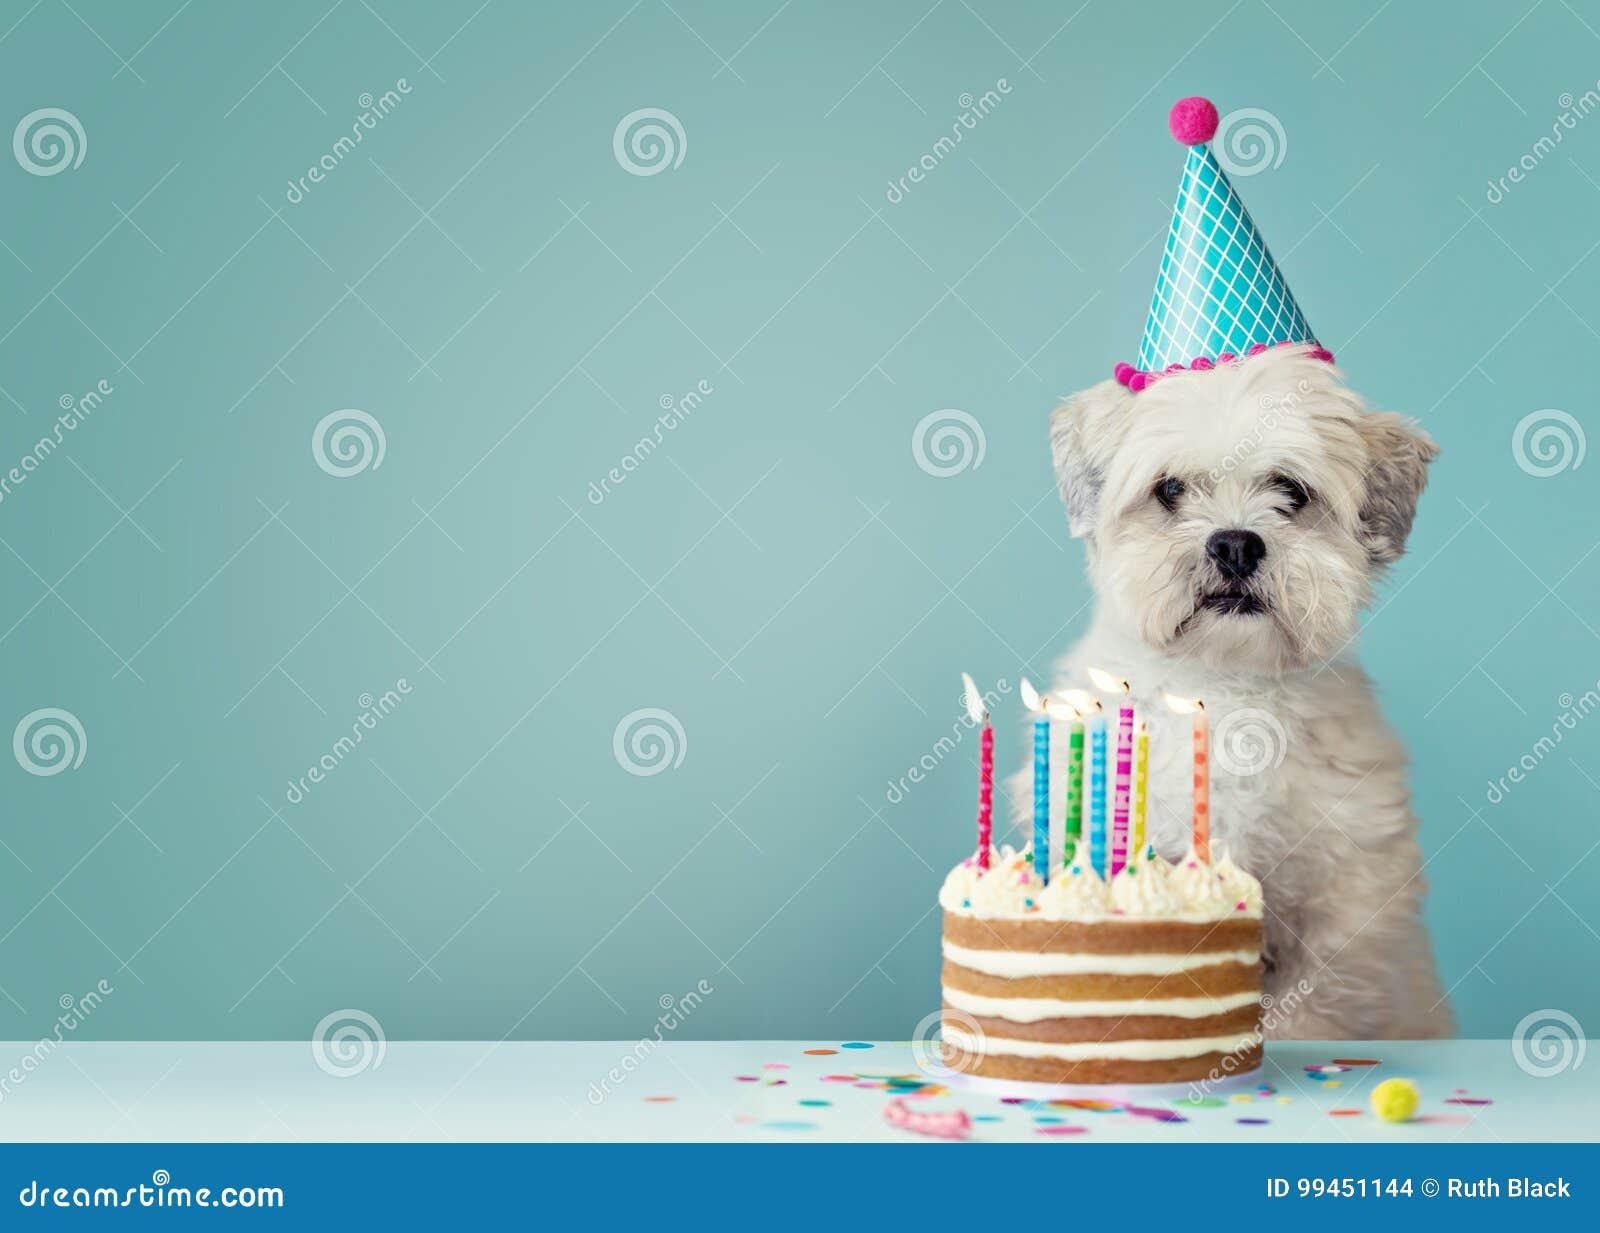 Hund mit Geburtstagskuchen